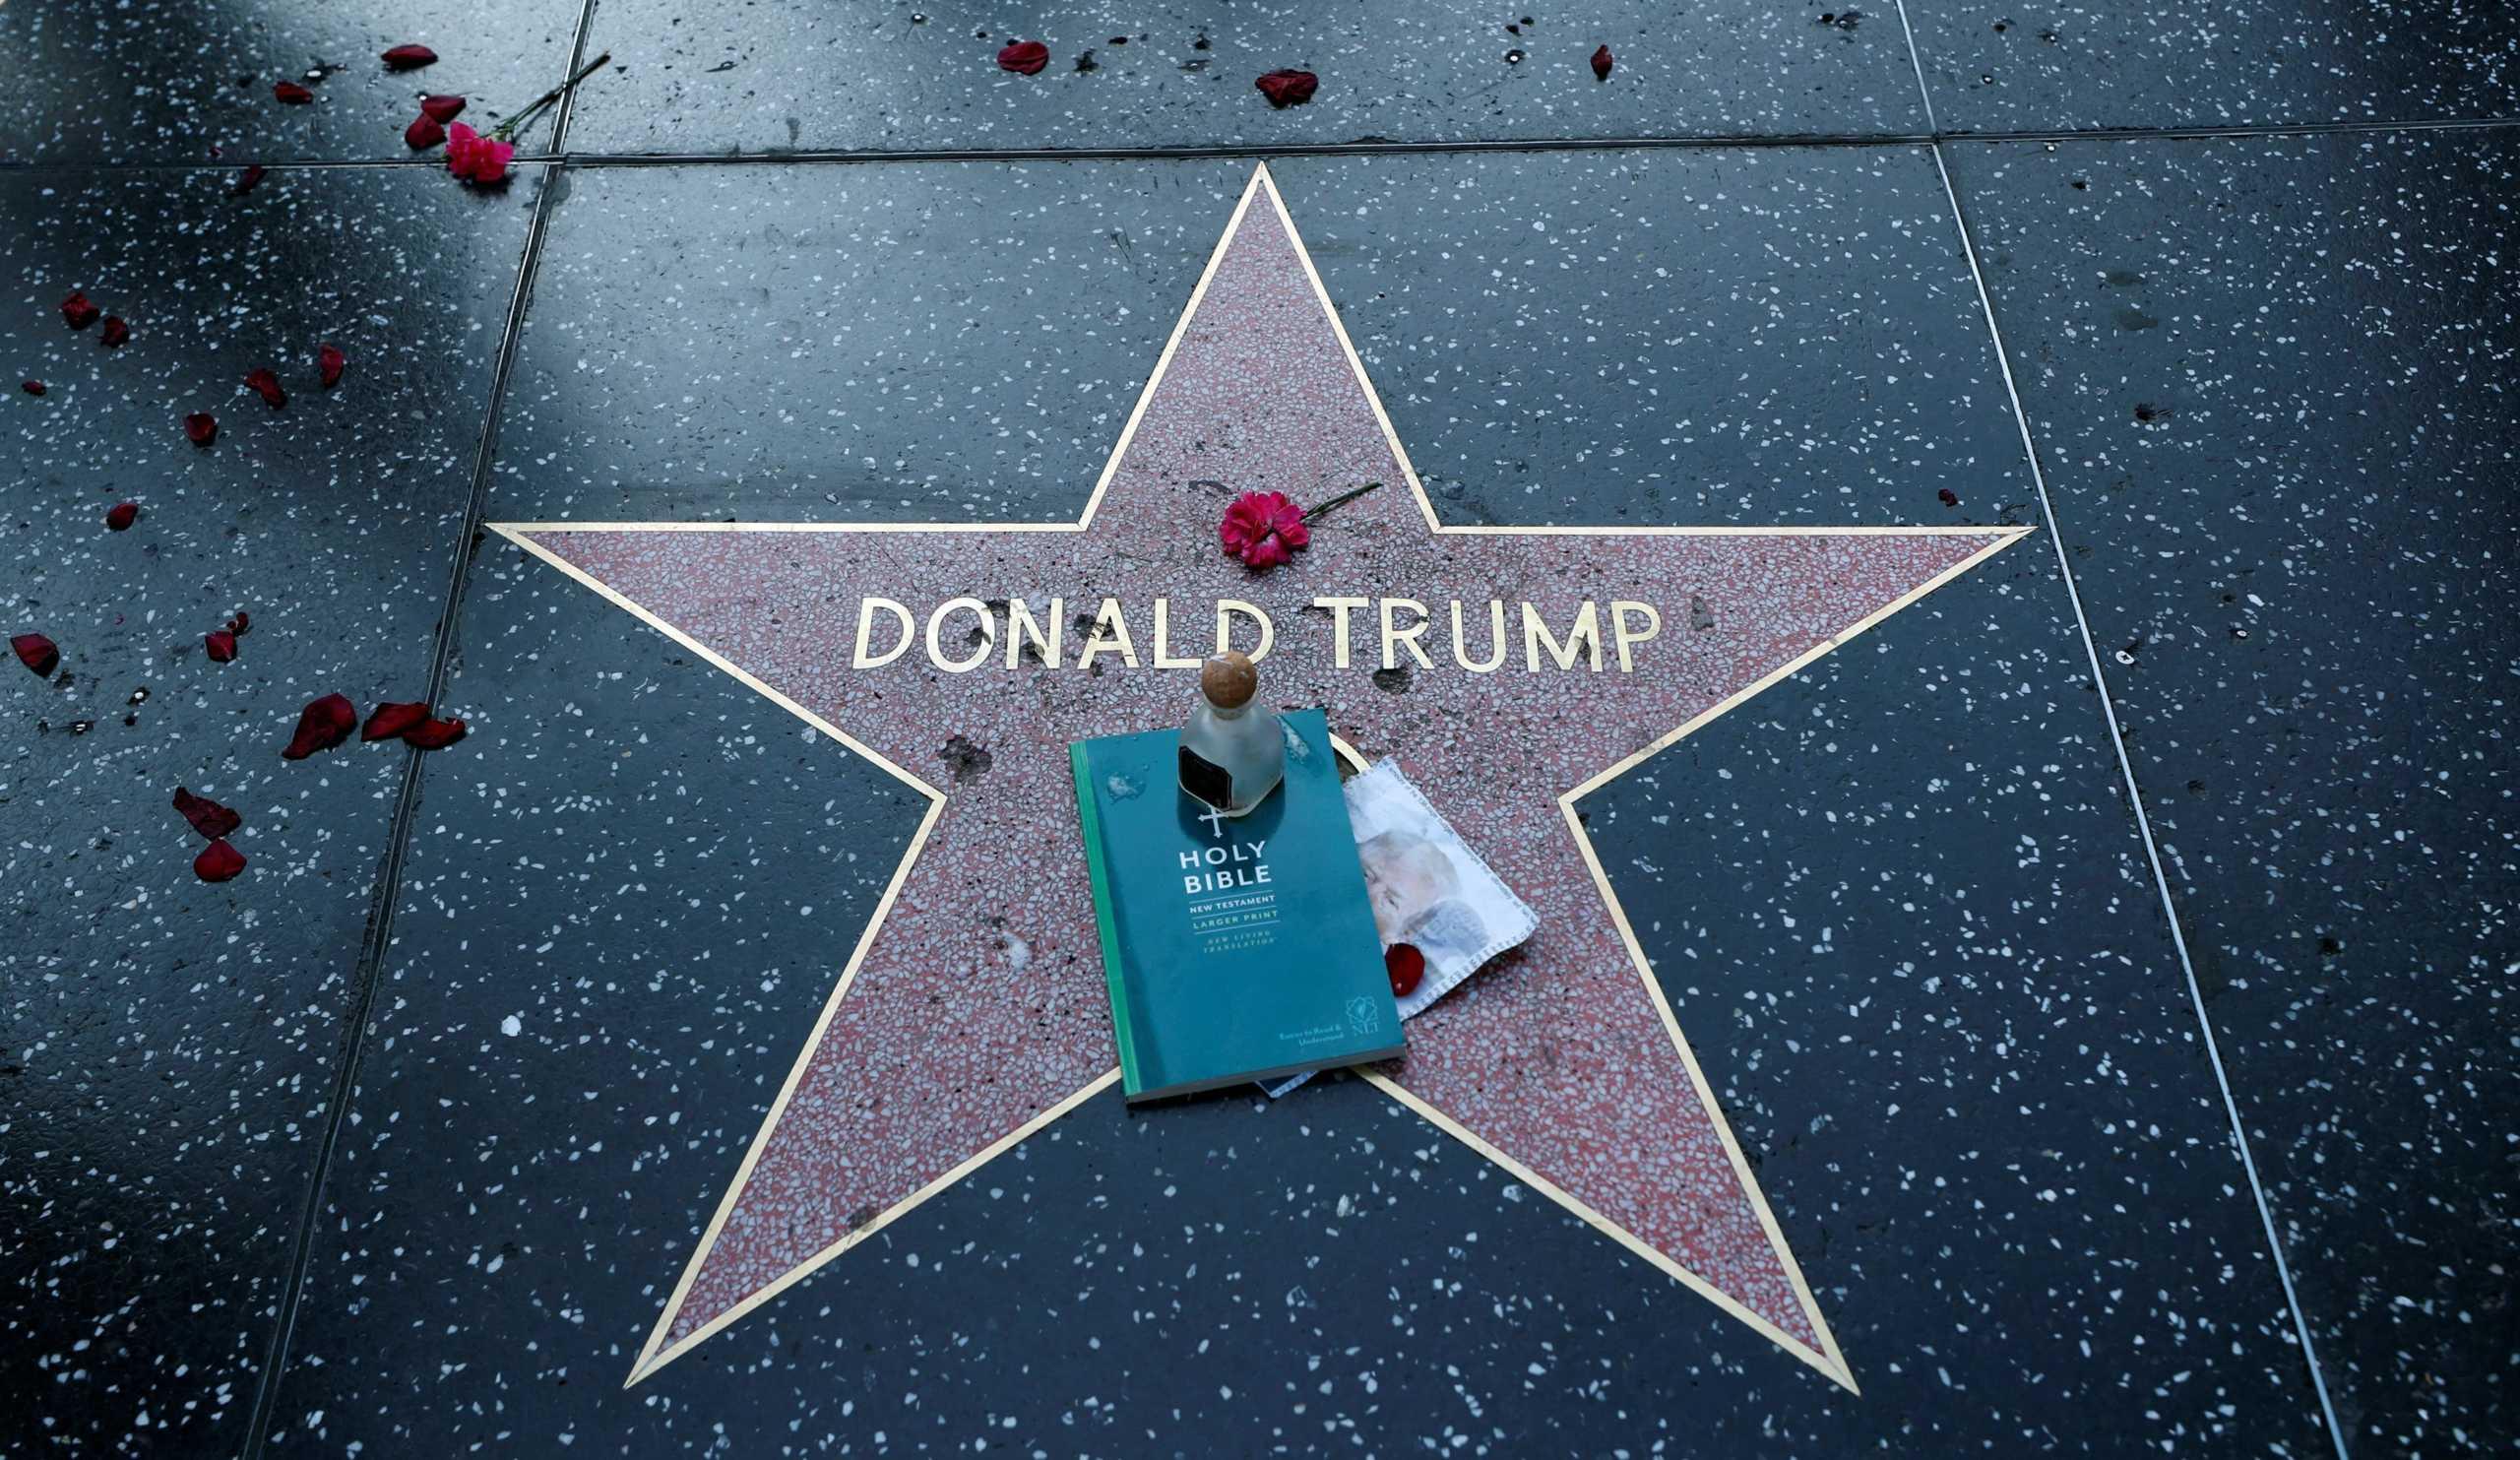 Αστέρες του Χόλιγουντ καλούν τους Αμερικανούς να δώσουν το παρόν στις κάλπες του Νοεμβρίου